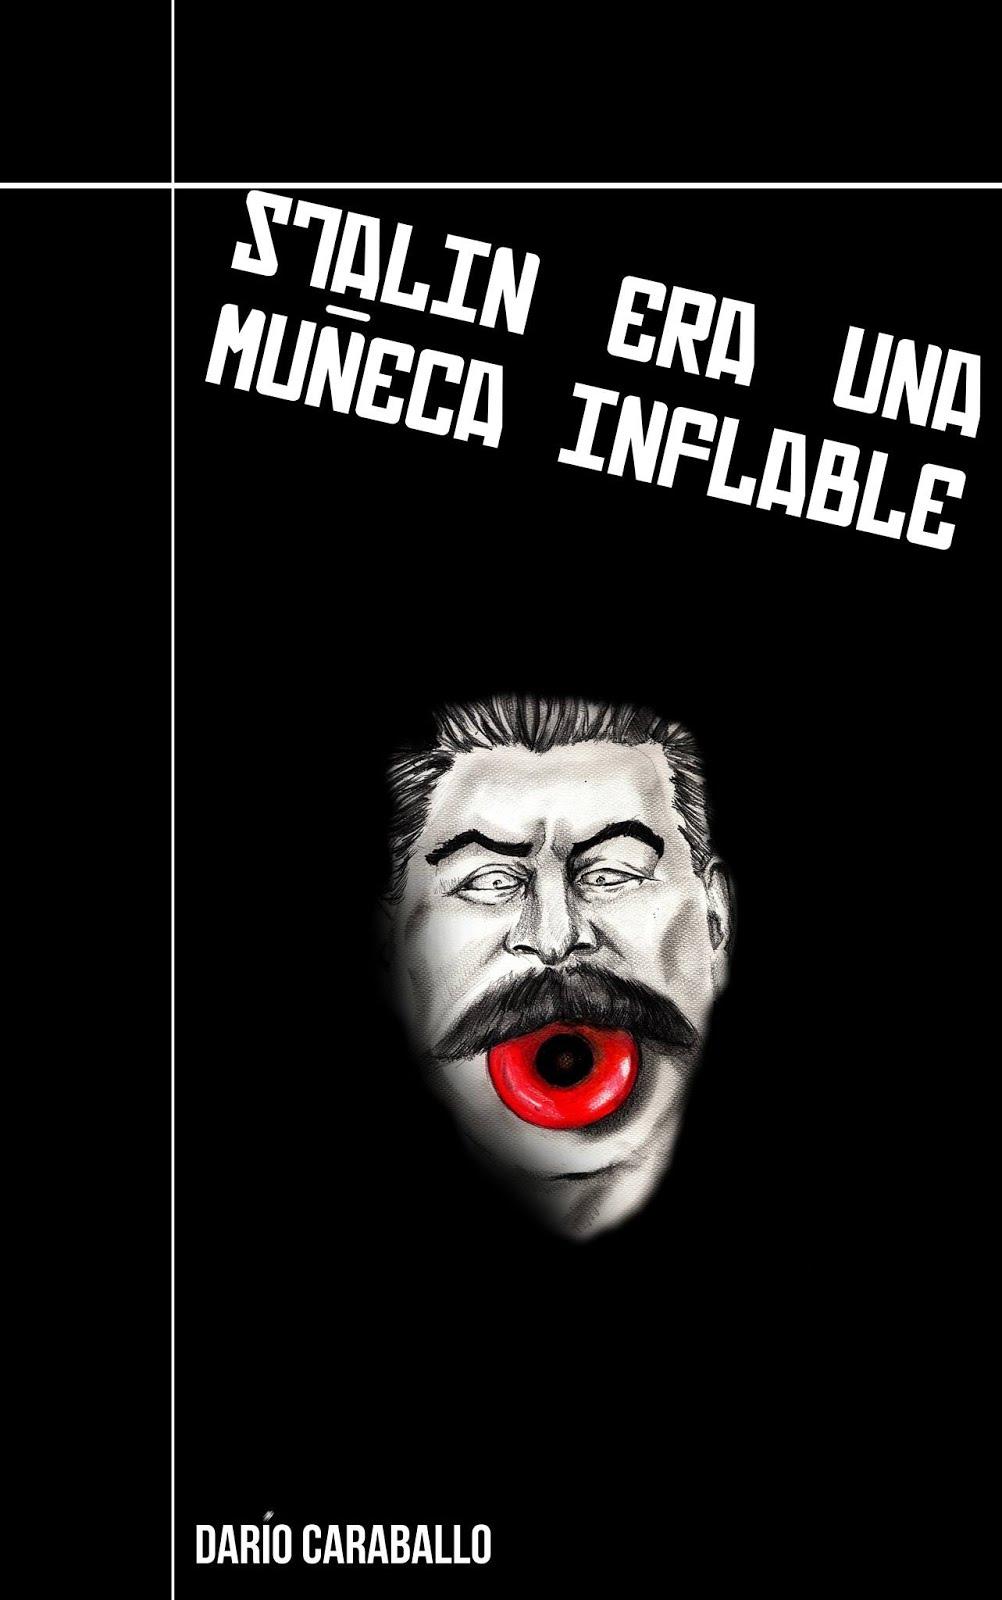 Salió libro nuevo: Stalin era una muñeca inflable